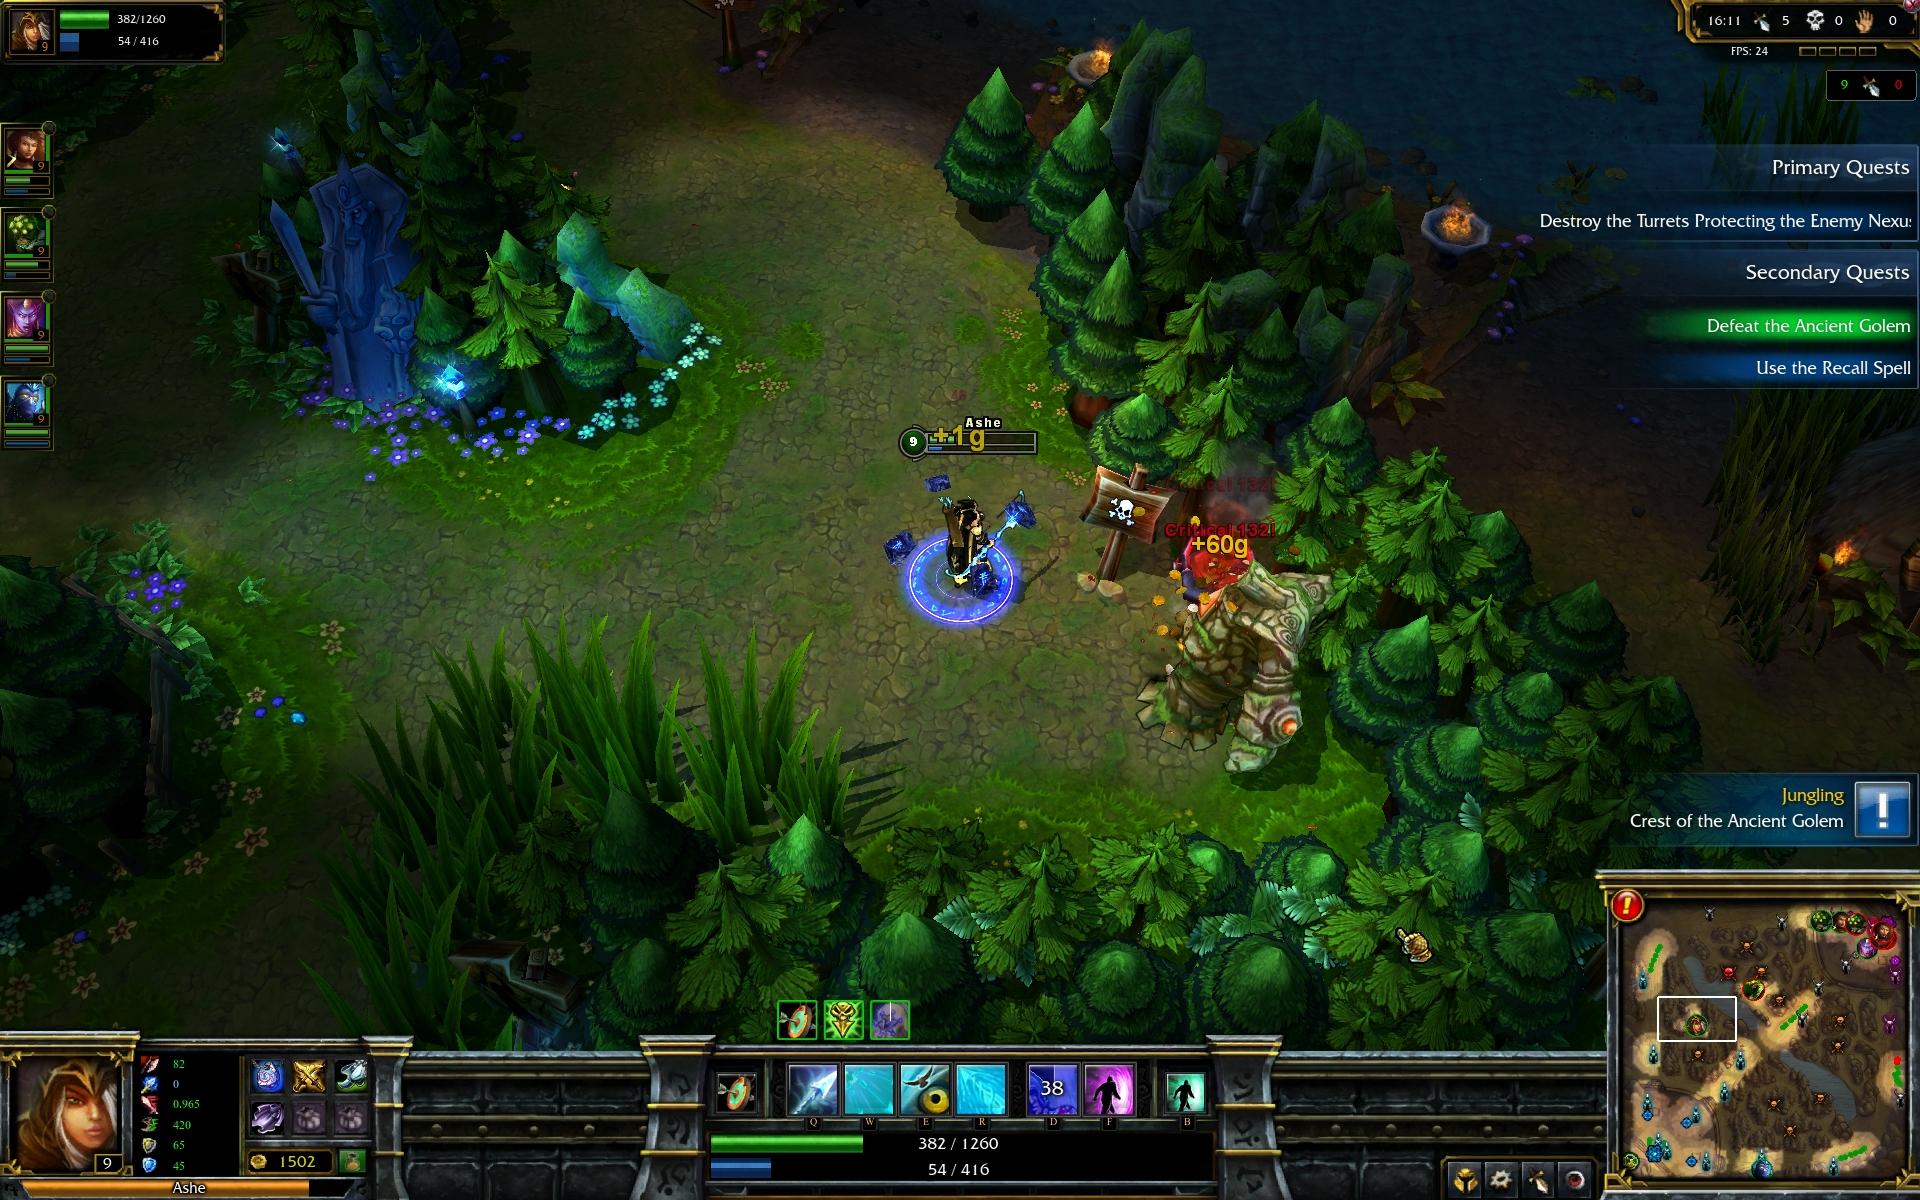 Klicke auf die Grafik für eine größere AnsichtName:gameplay_3.jpgHits:180Größe:1,83 MBID:1007